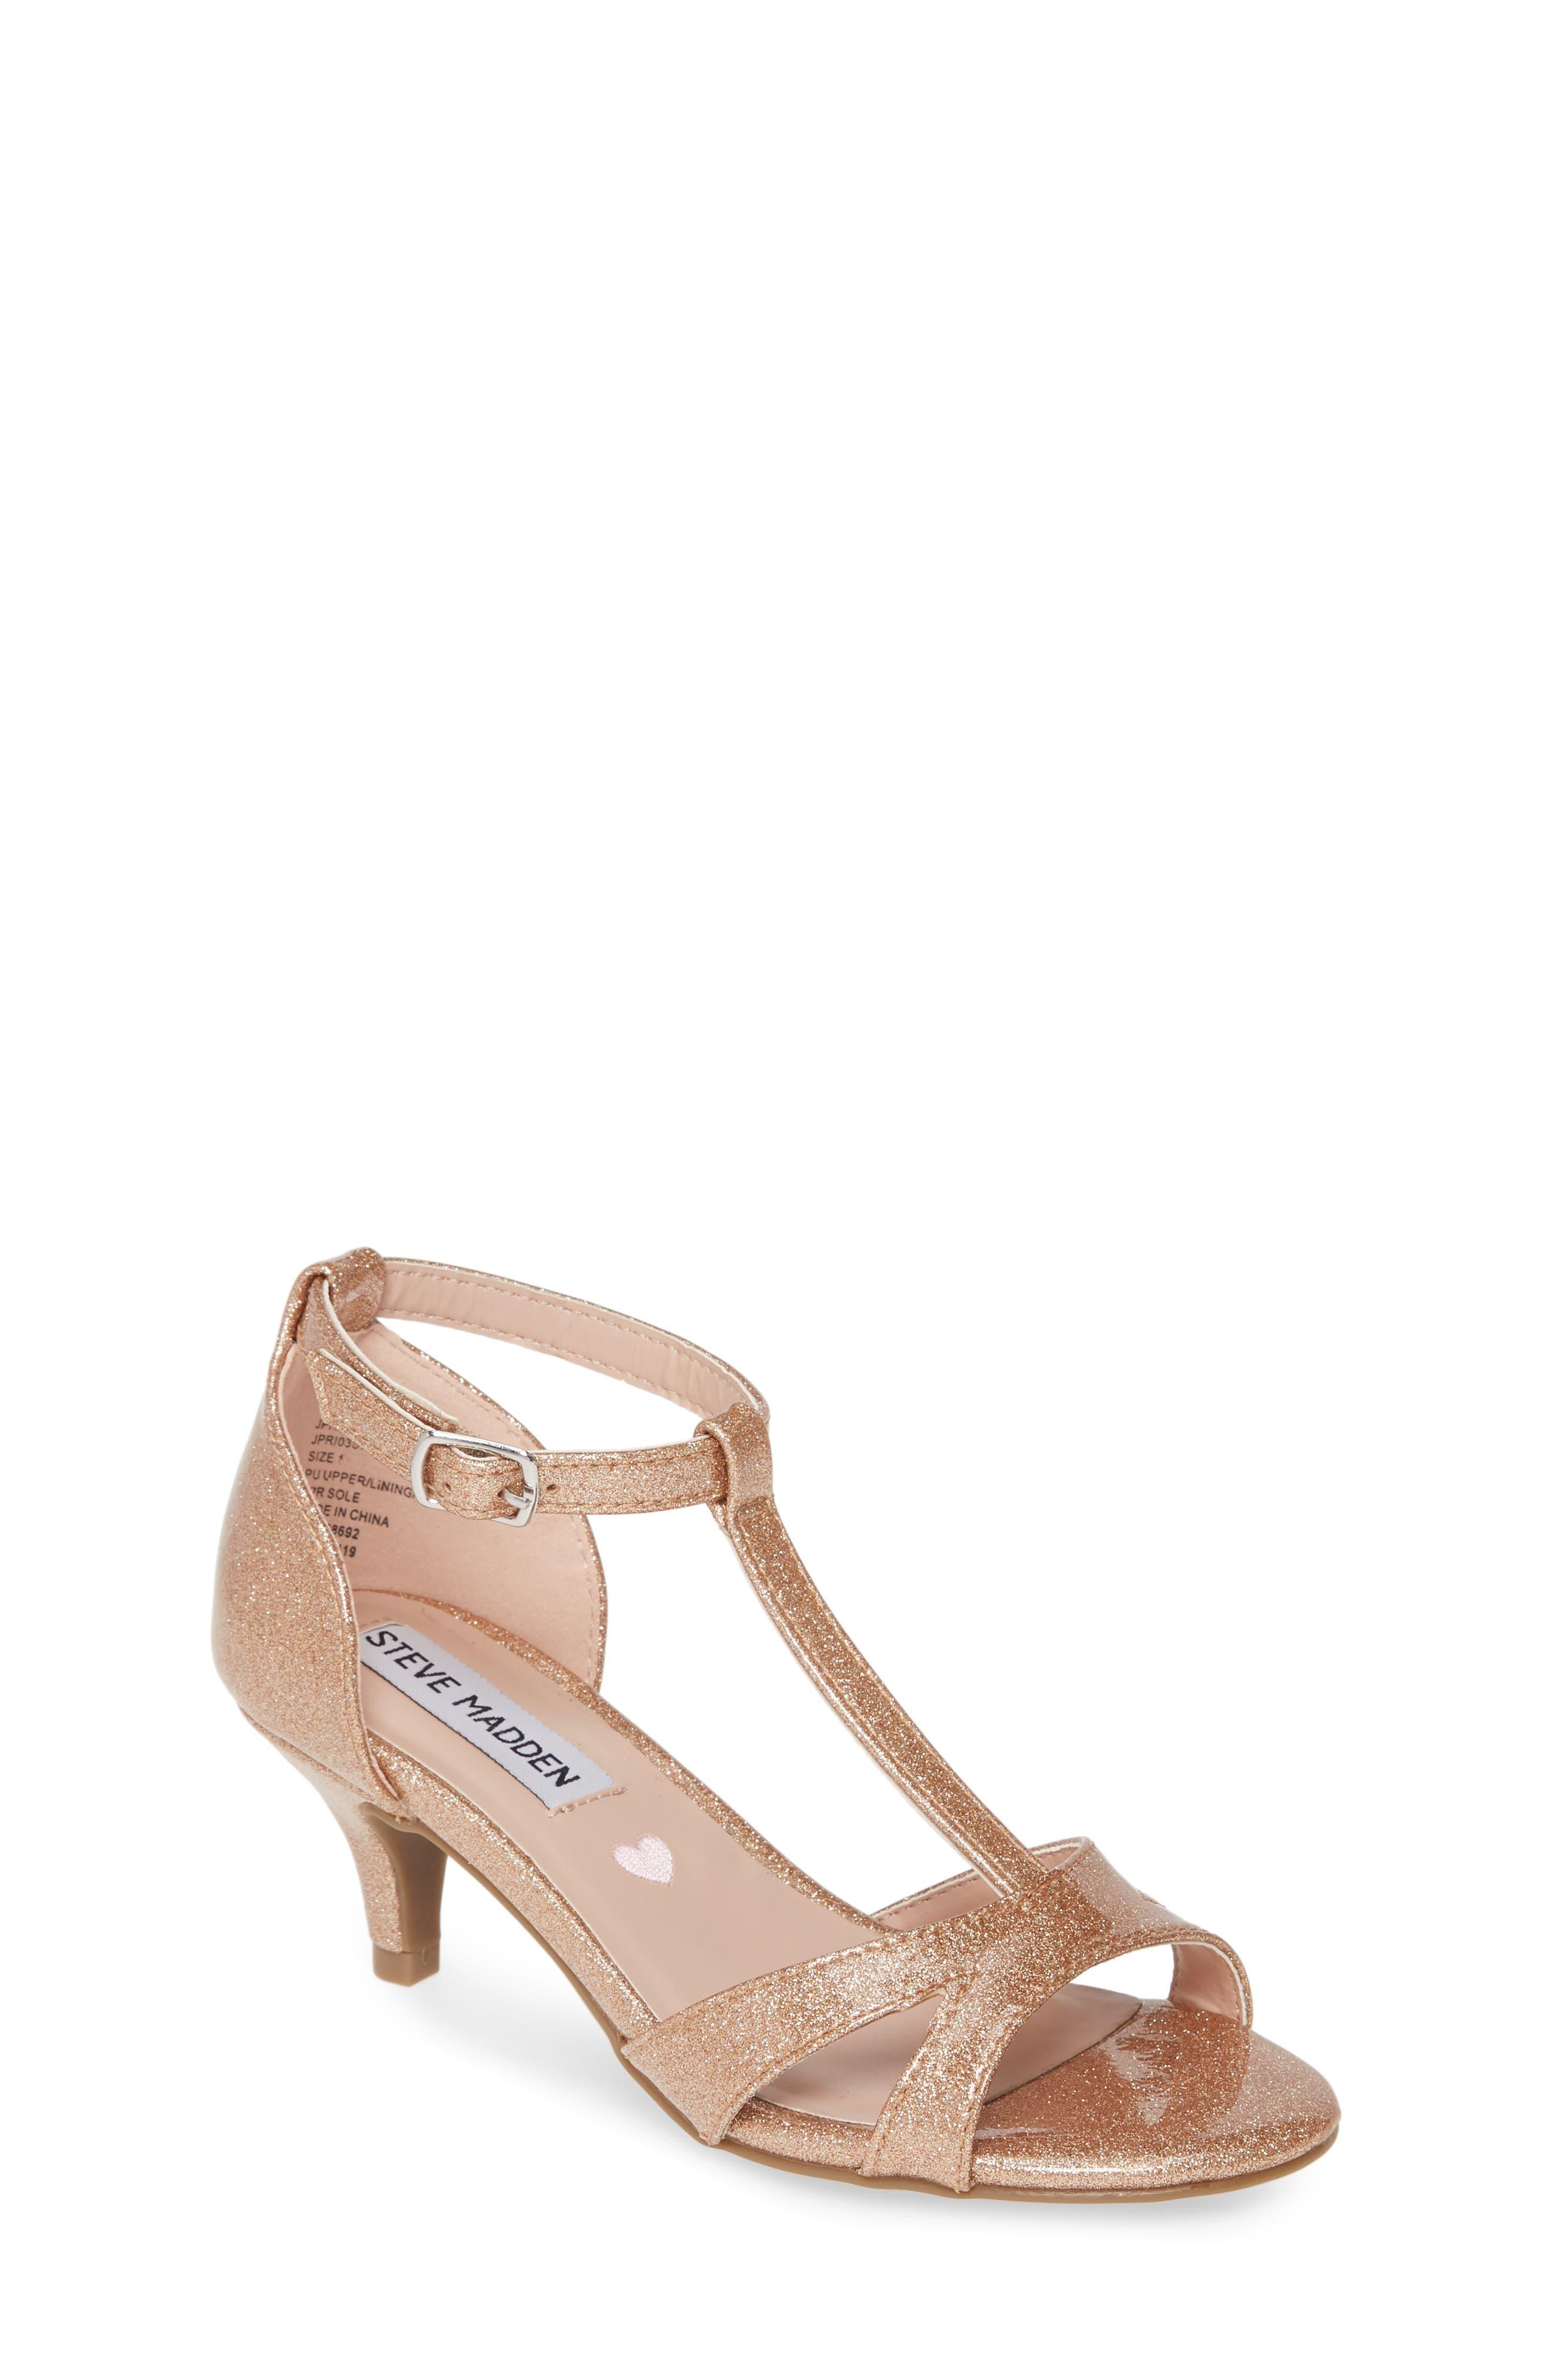 d77b6a34ad2 Little Girls' Steve Madden Shoes | Nordstrom